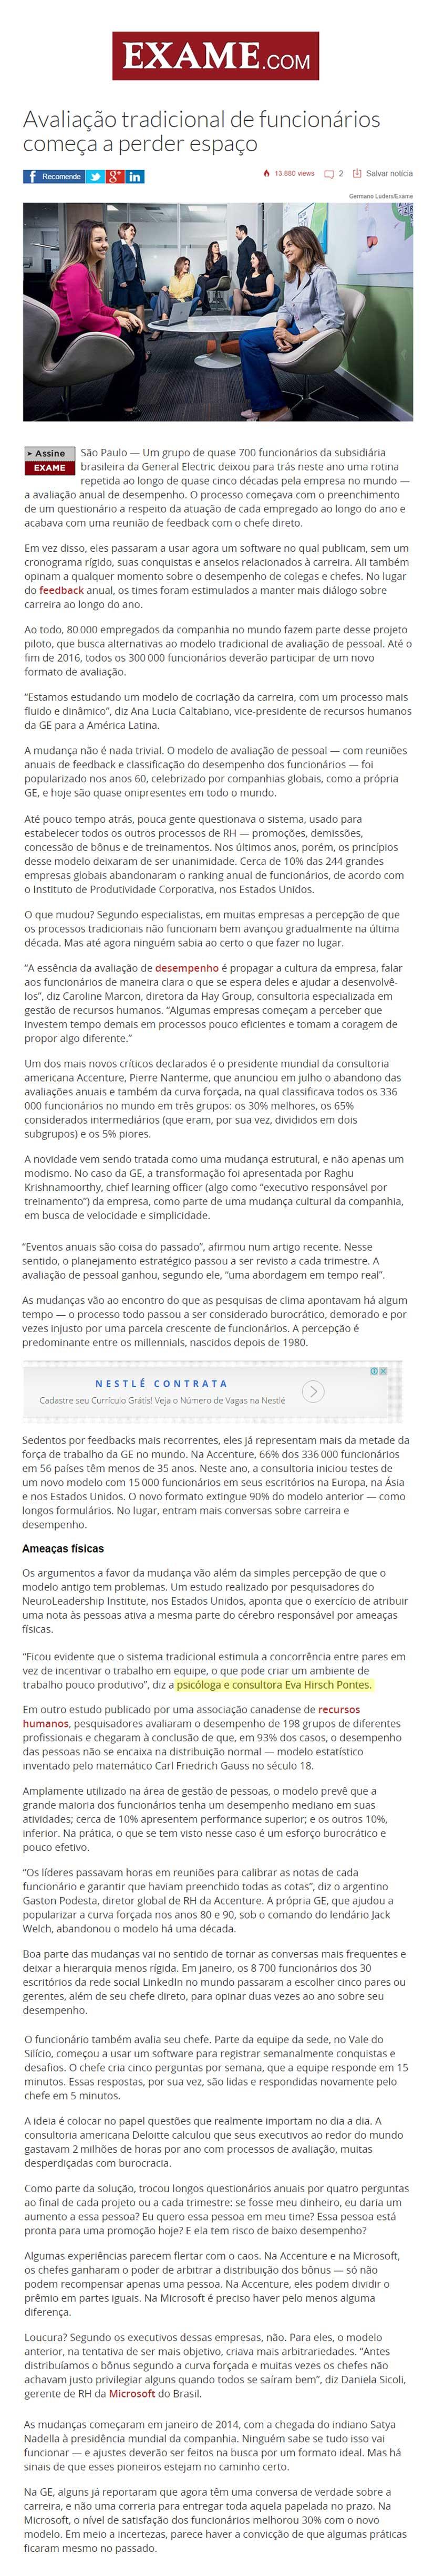 Exame.com_Gestão_03.09.2015